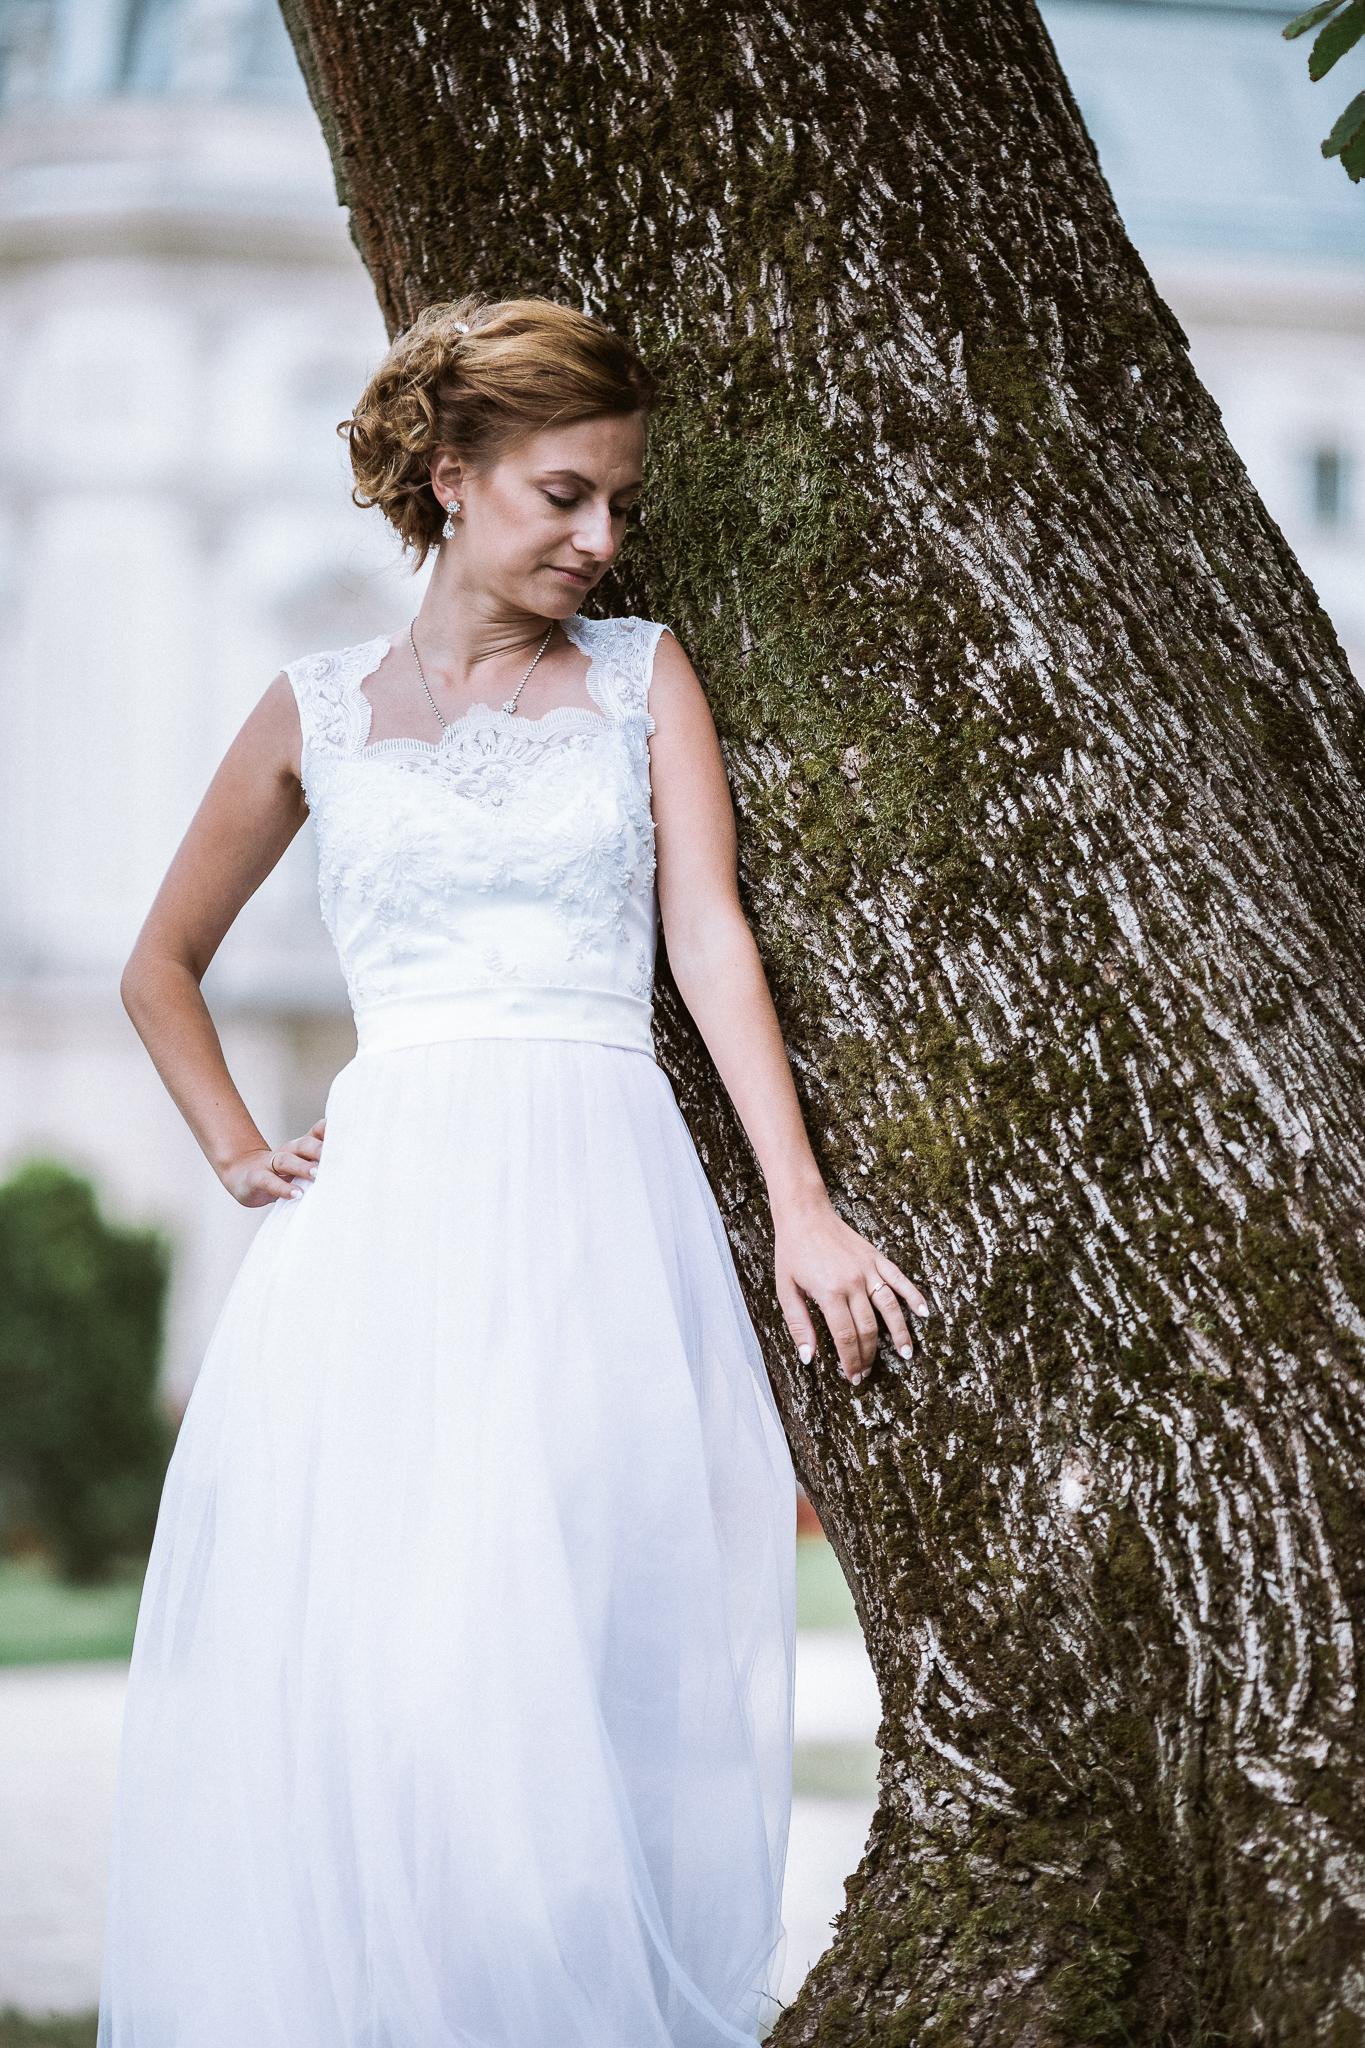 FylepPhoto, esküvőfotós, esküvői fotós Körmend, Szombathely, esküvőfotózás, magyarország, vas megye, prémium, jegyesfotózás, Fülöp Péter, körmend, kreatív, fotográfus_51-2.jpg